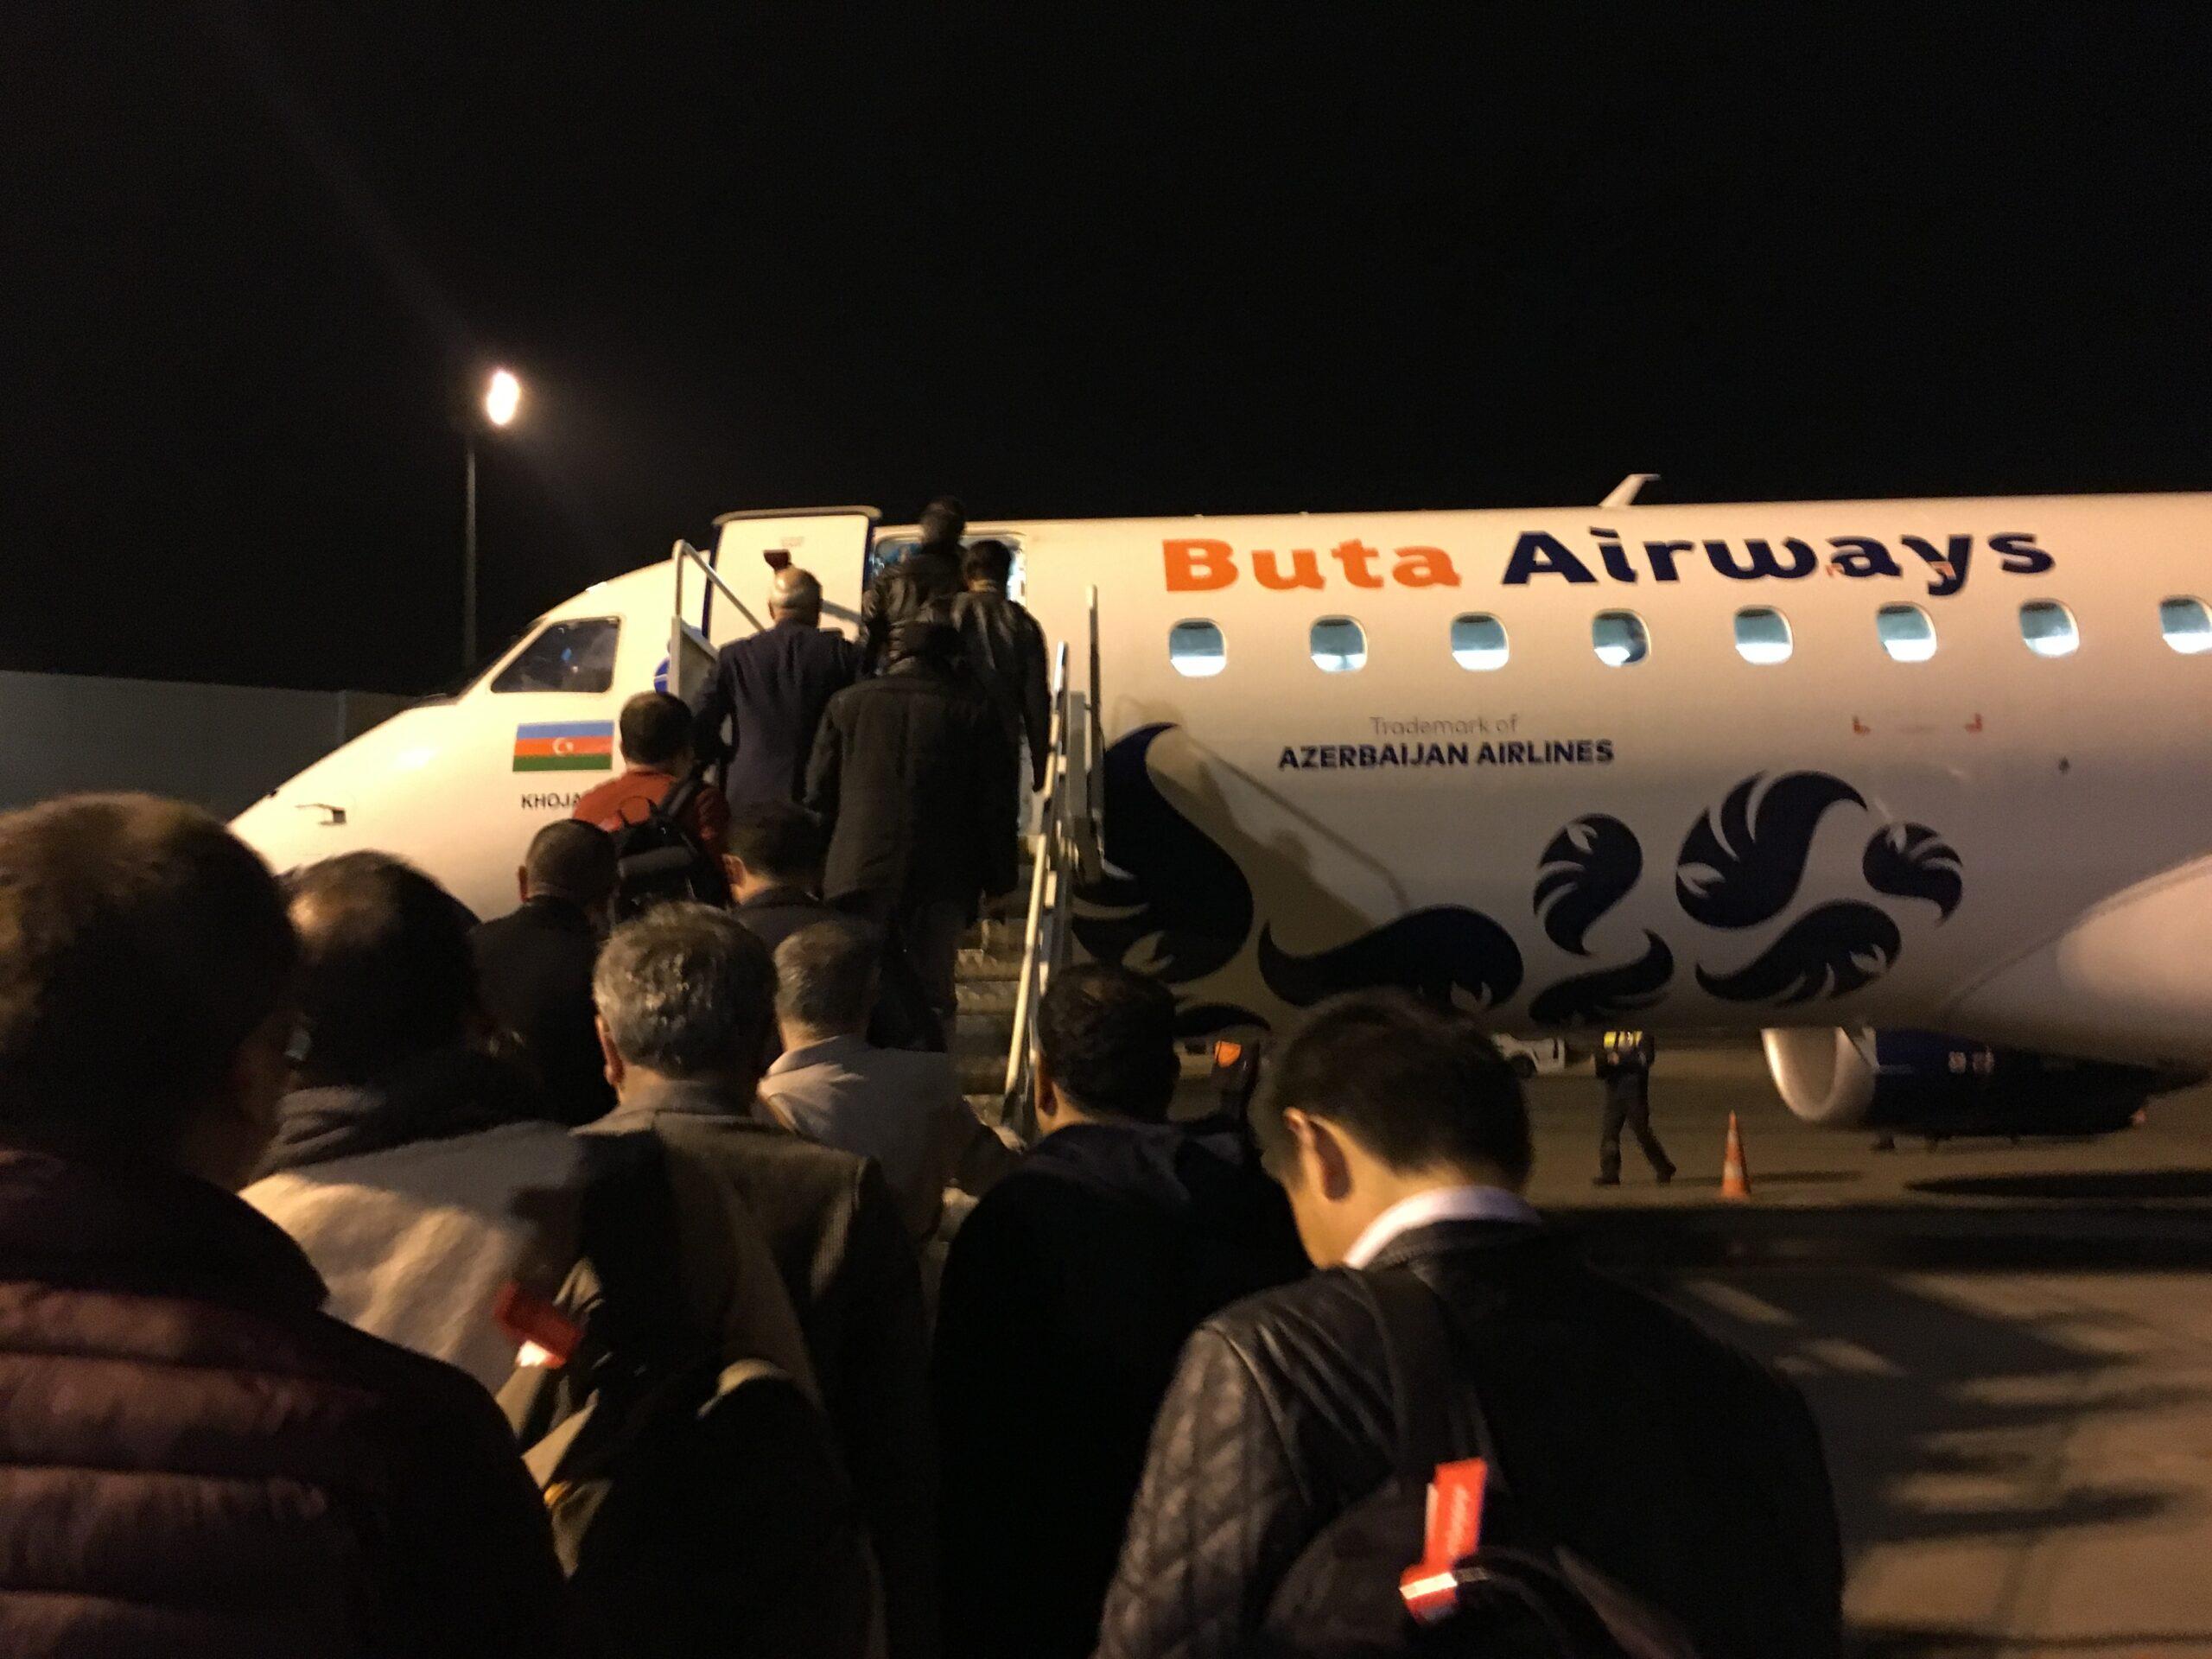 【ブタエアウェイズ】バクーからトビリシまで乗ったブタエアウェイズの搭乗レビュー